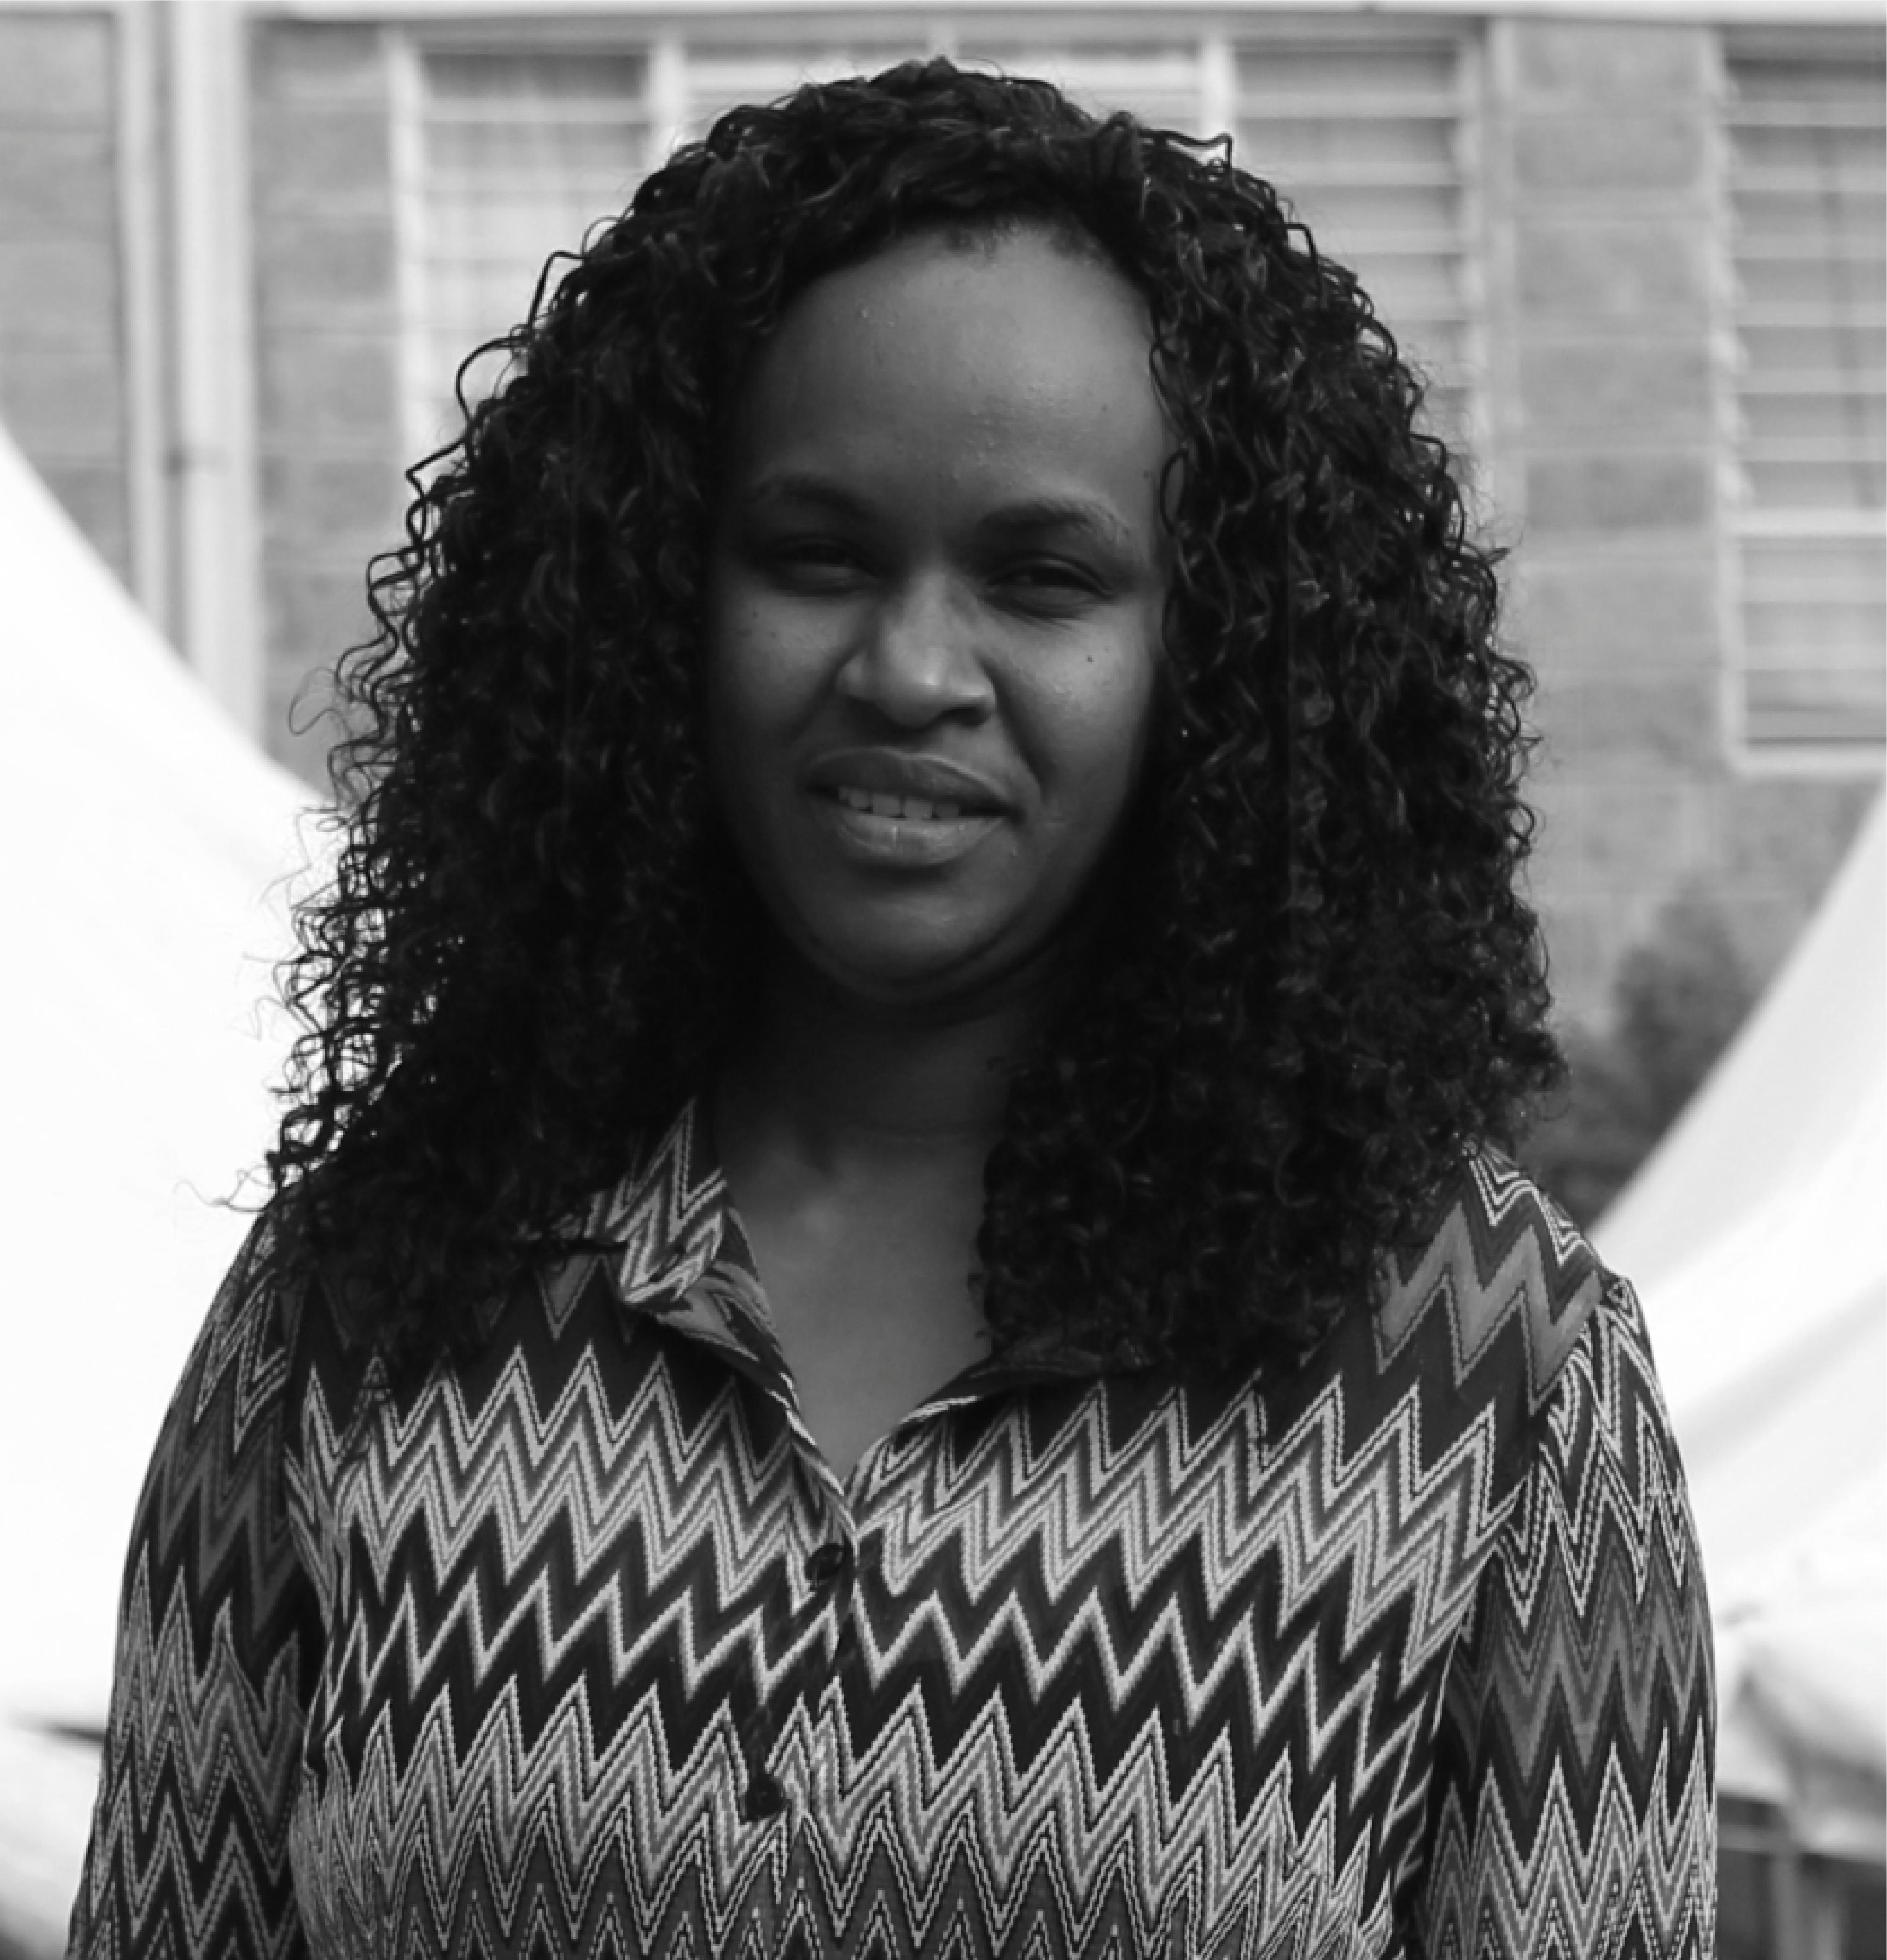 Gladys Wanjiru